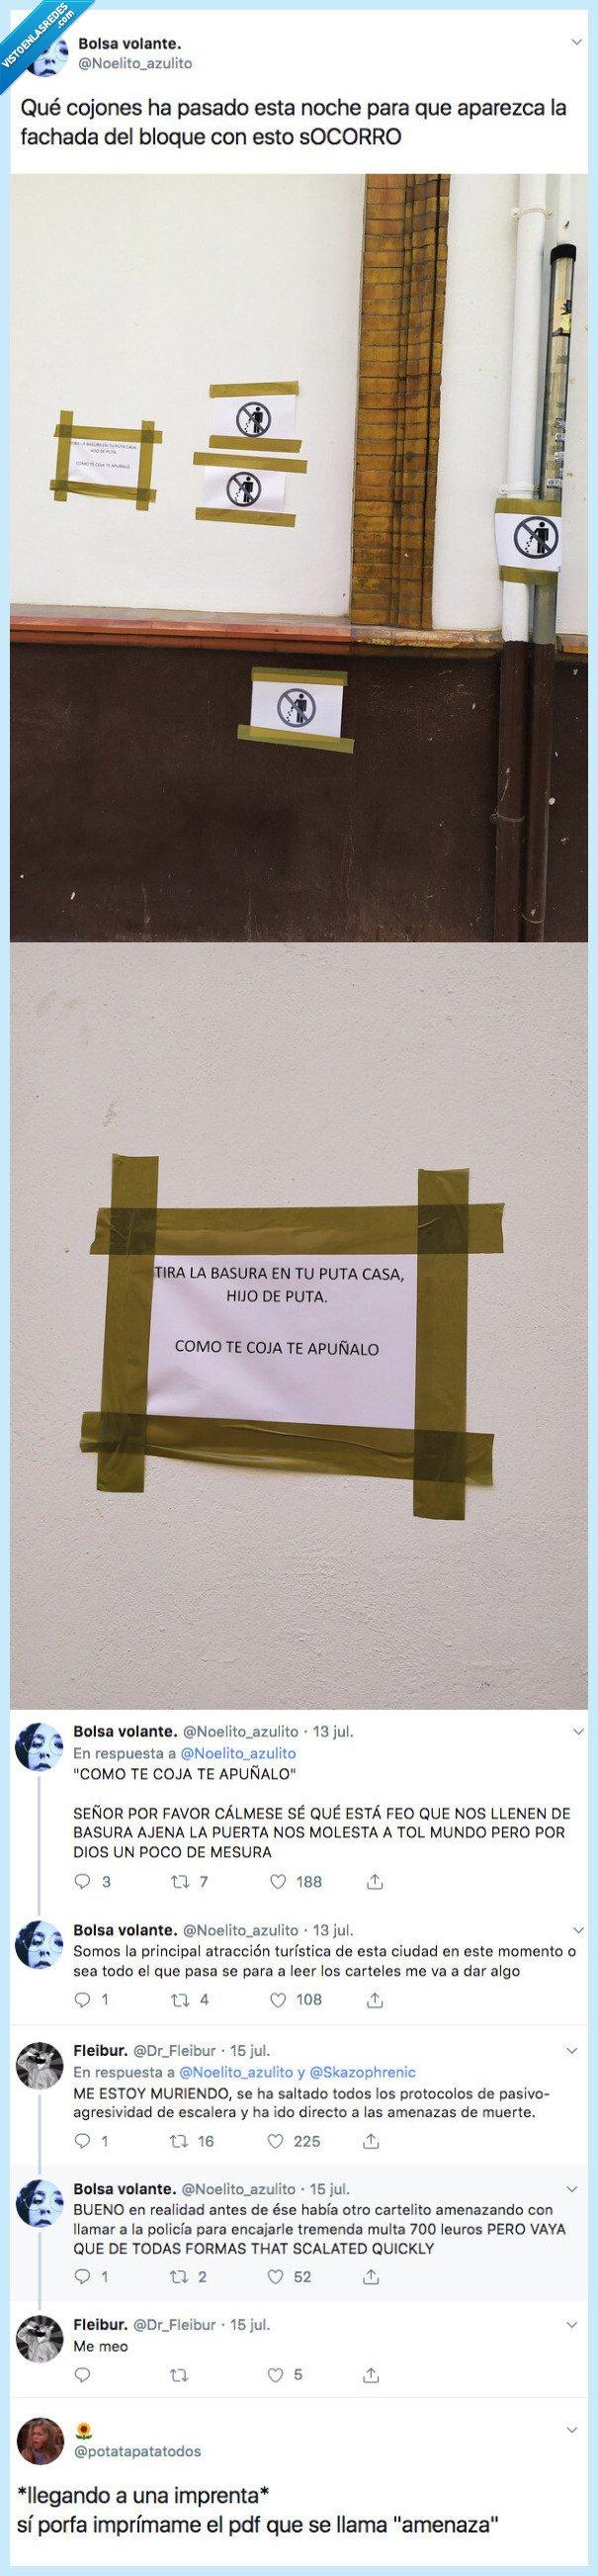 522303 - El cartel amenazante que aparece en su portal que no se corta ni un pelo con su vecino..., por @Noelito_azulito